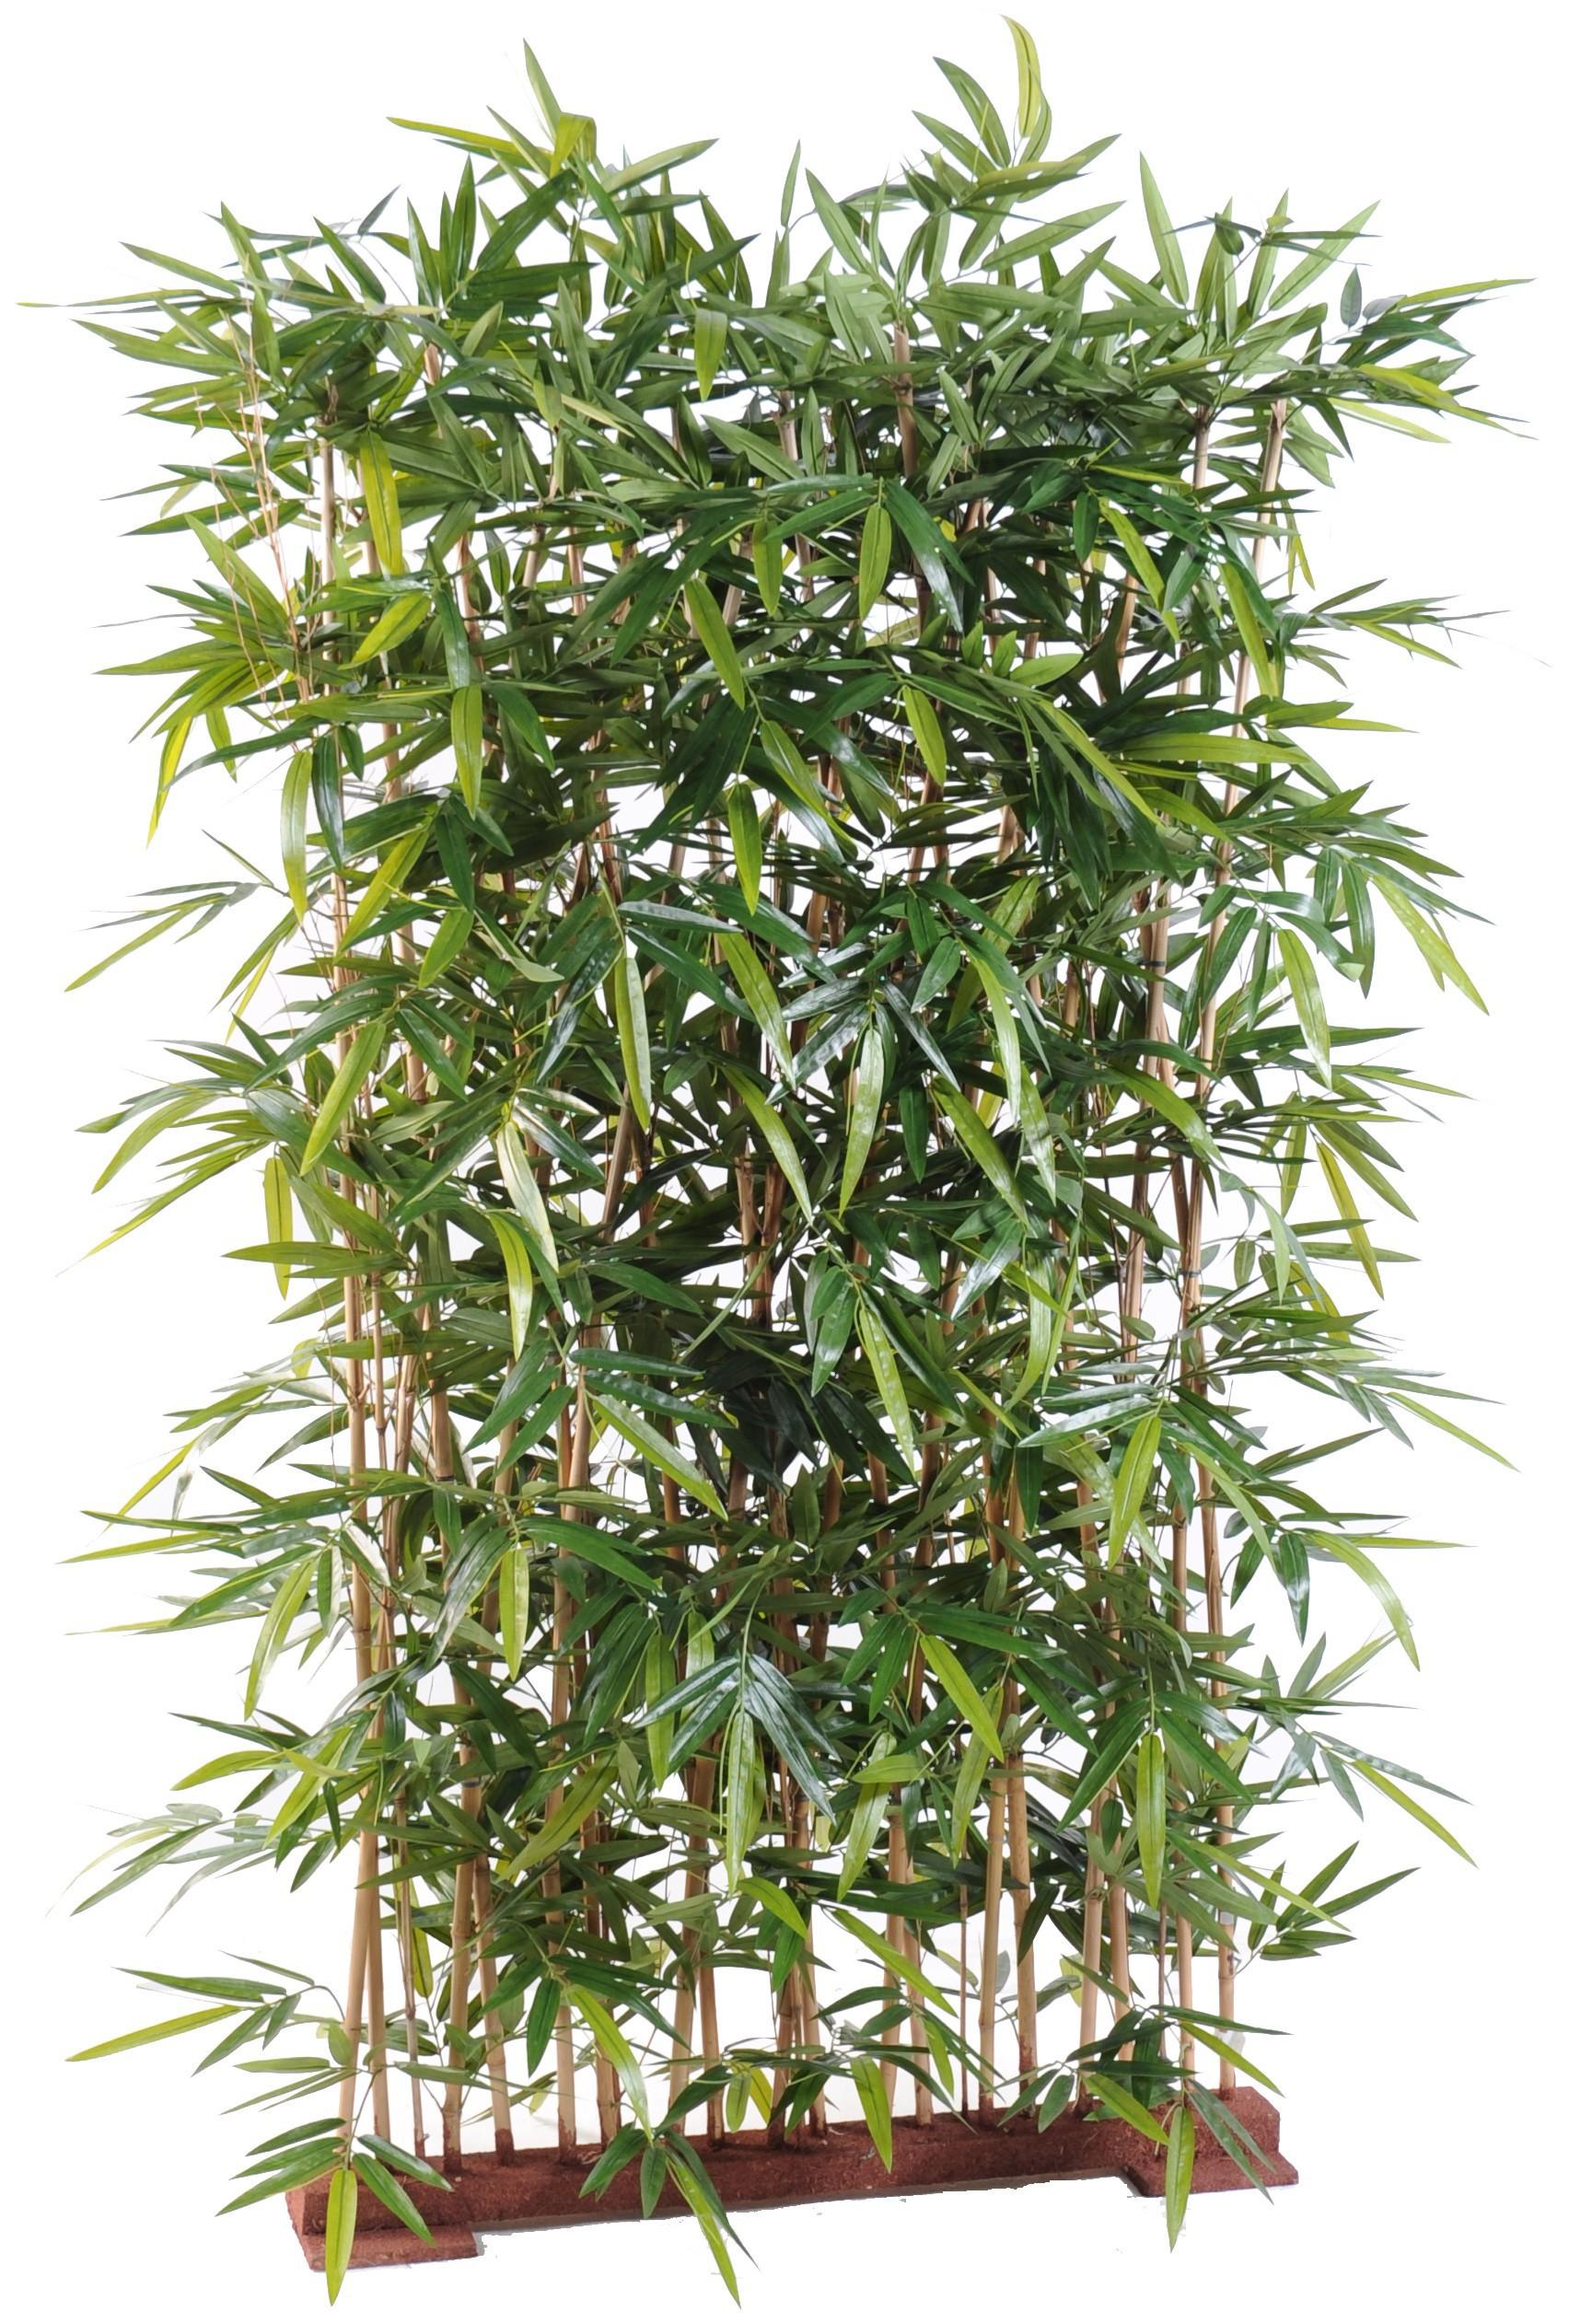 Haie Artificielle Bambou New Dense 150 Cm Longueur 100 Cm